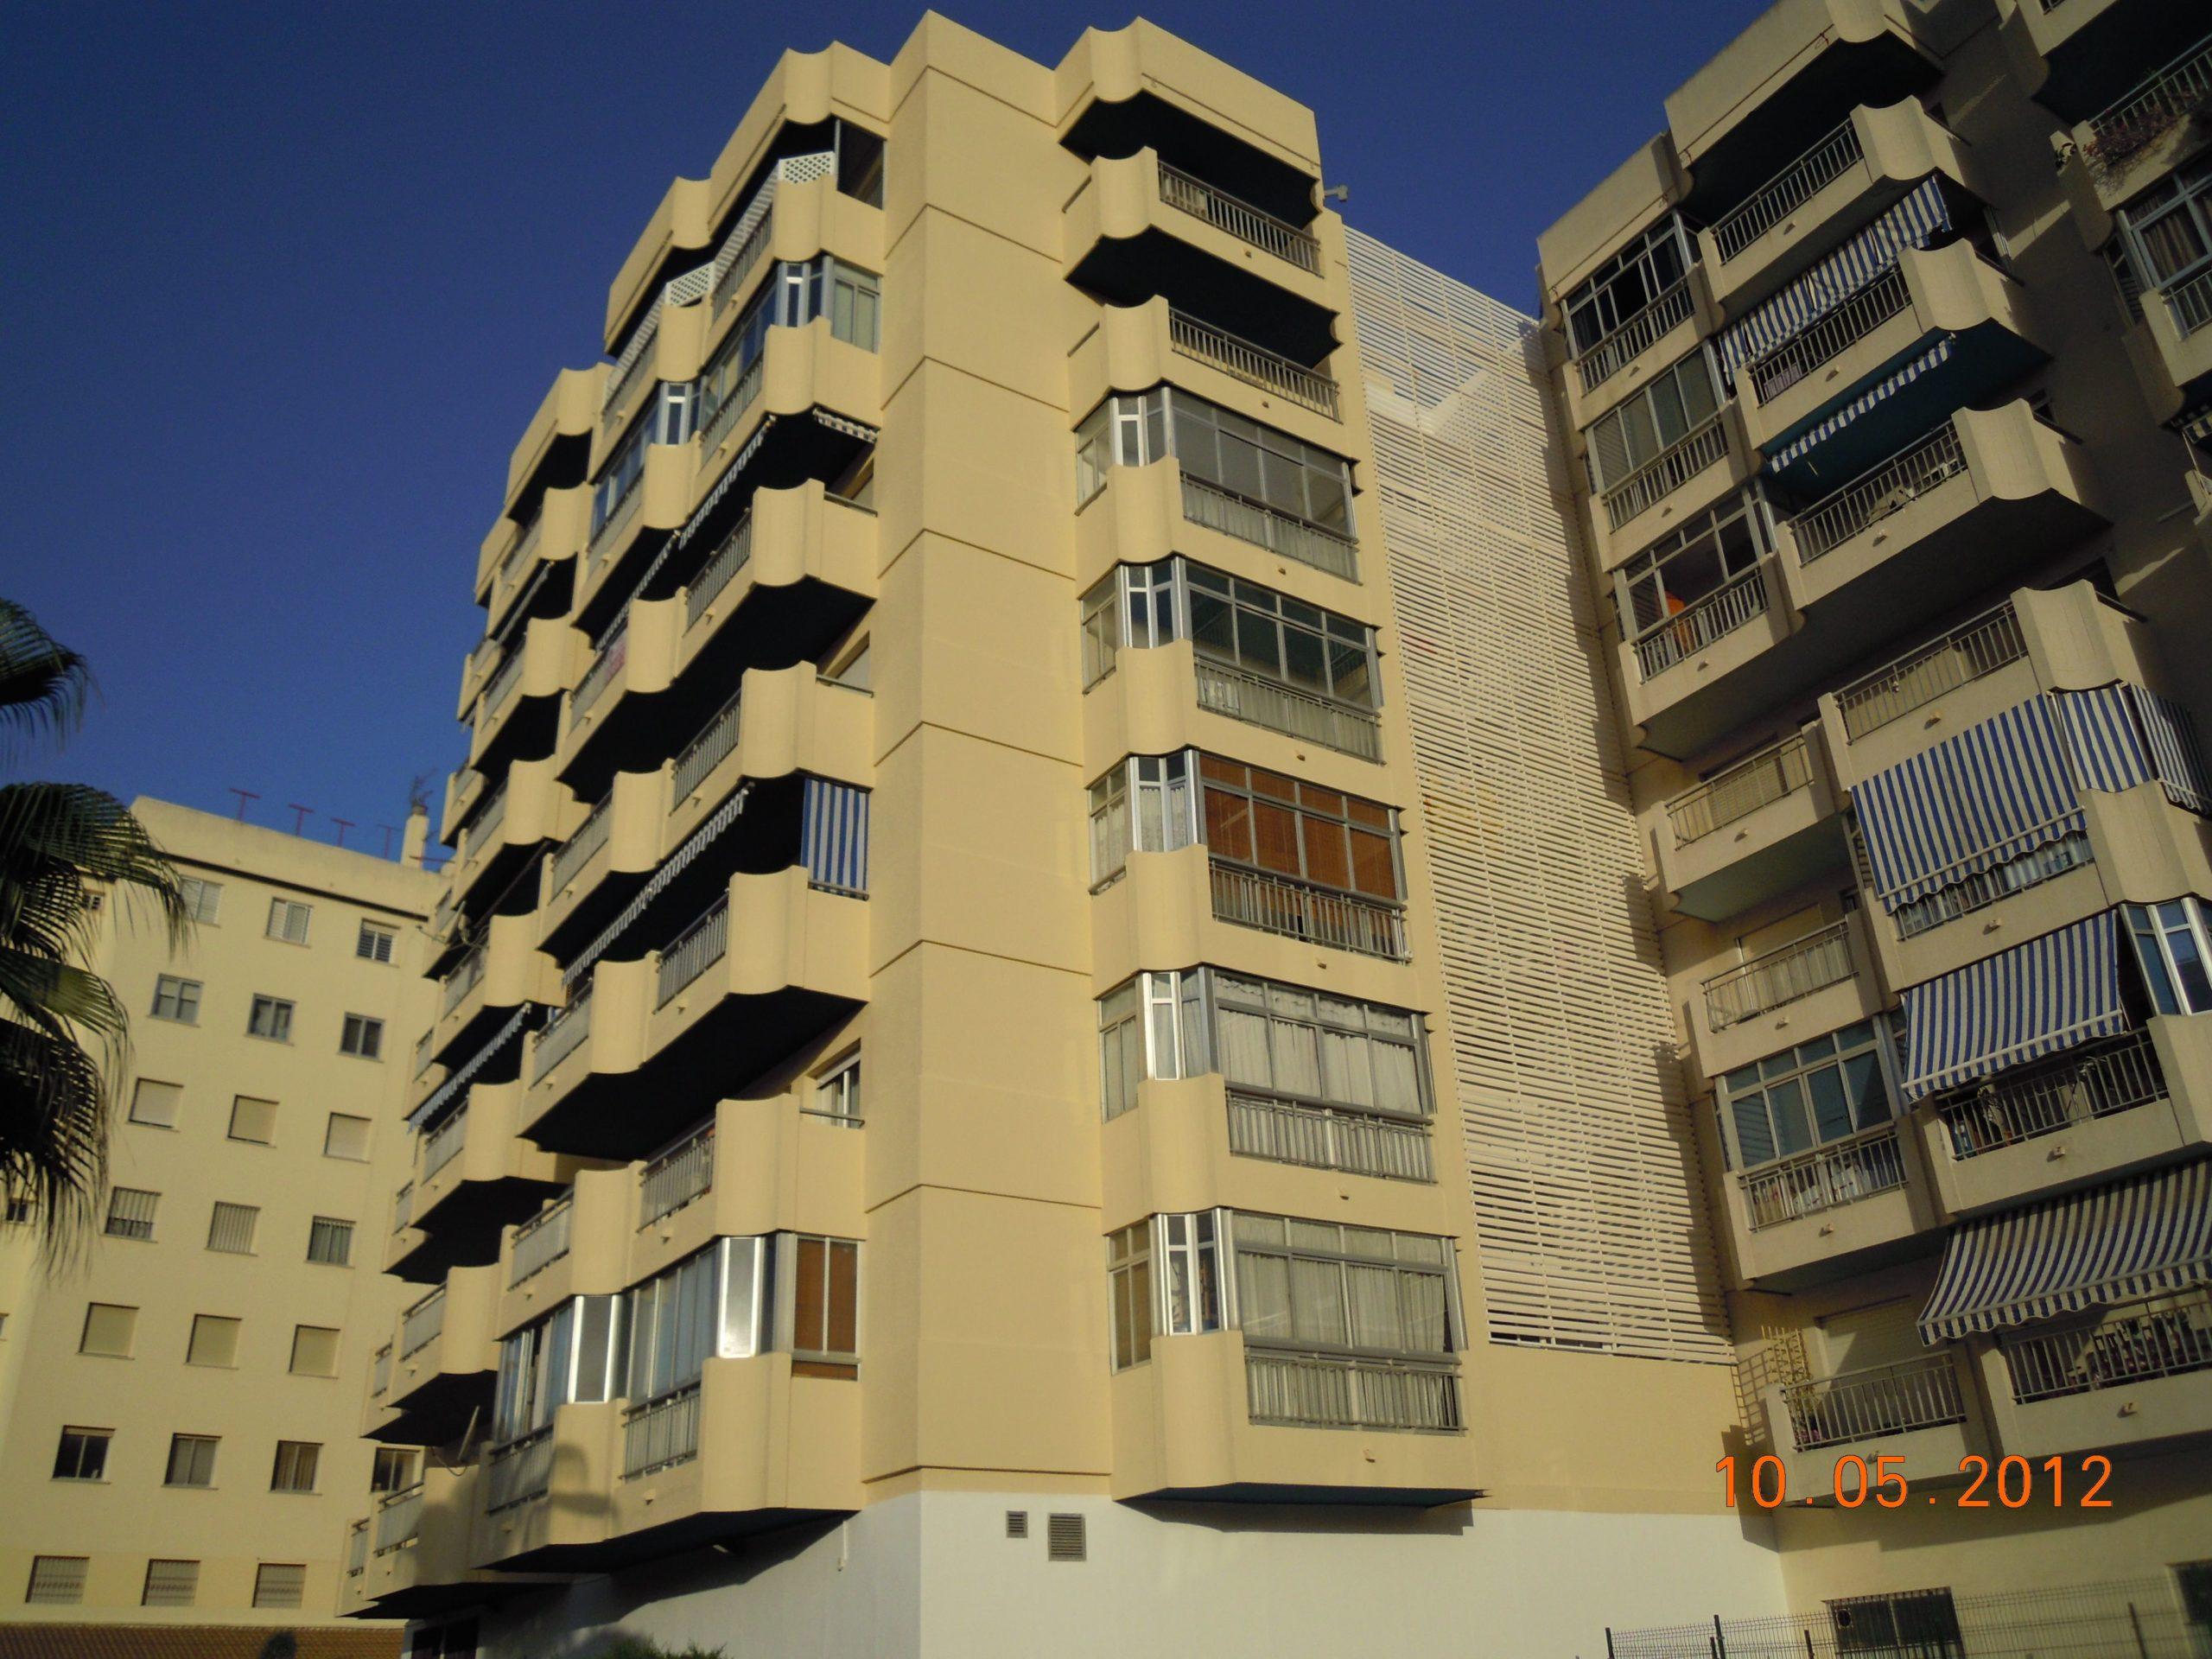 Edificio Miguel Bueno 2